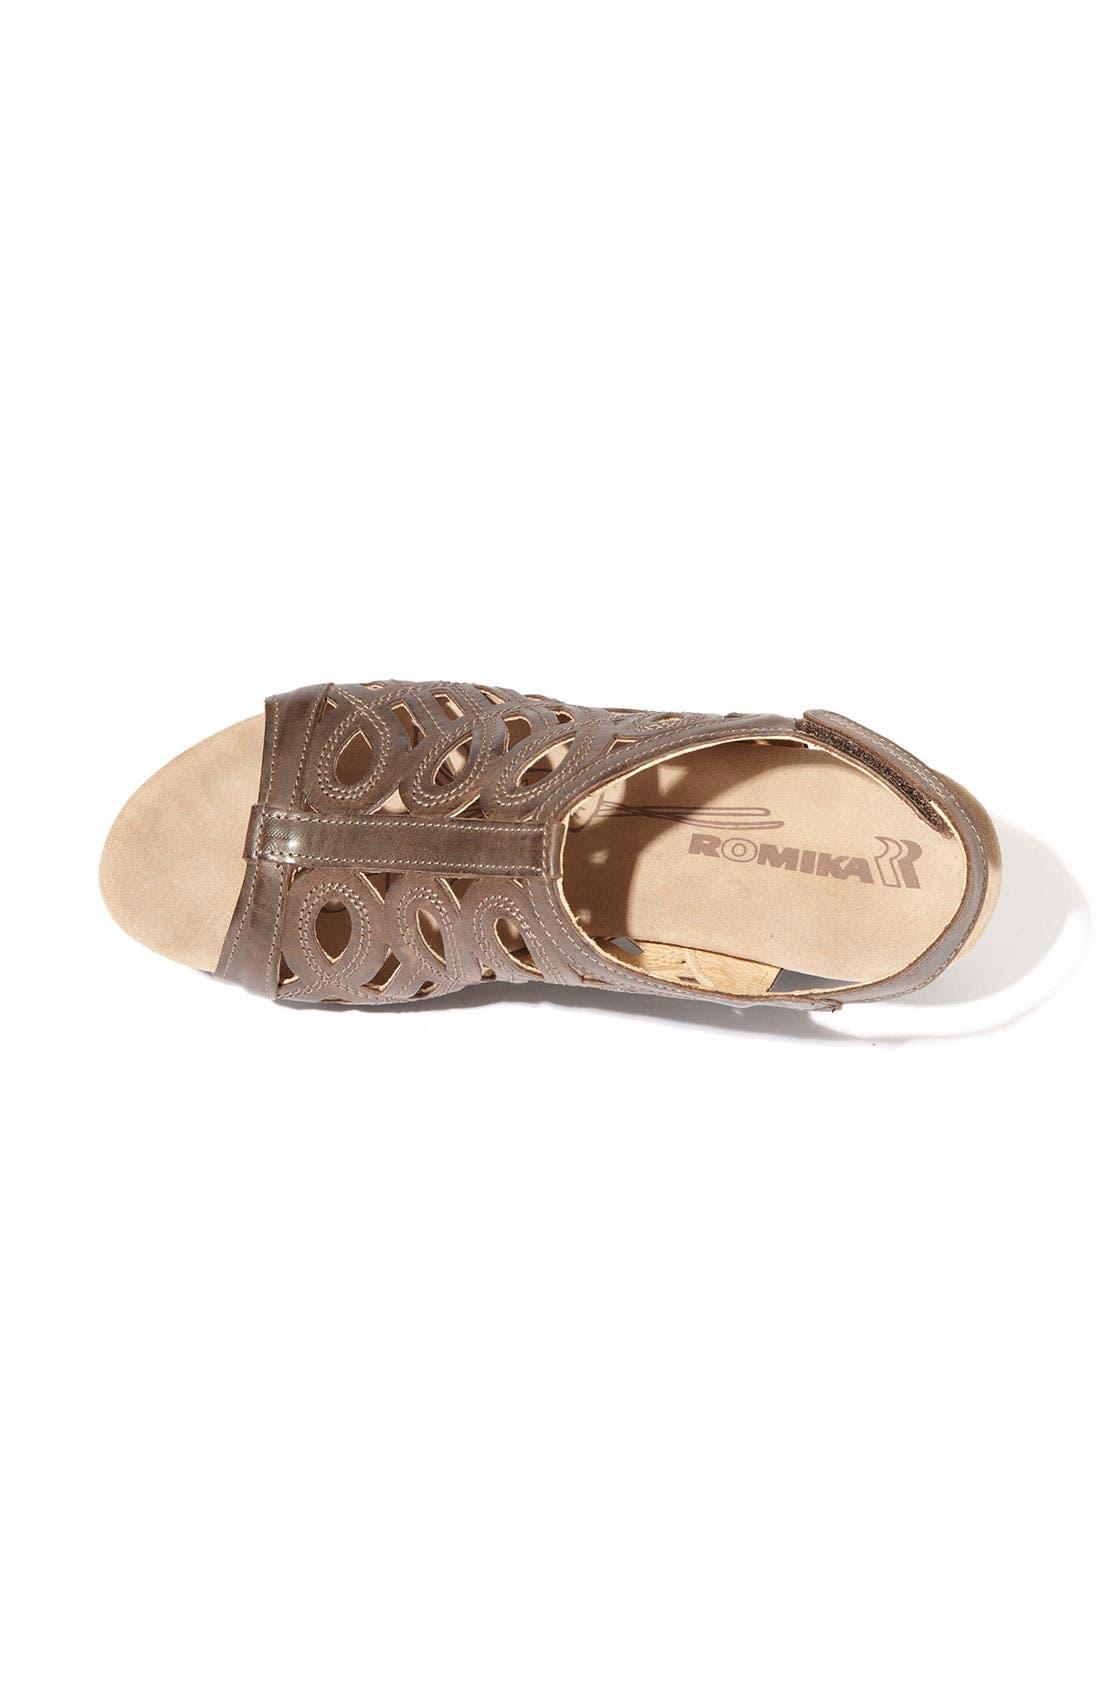 Alternate Image 3  - Romika® 'Waikiki 19' Sandal